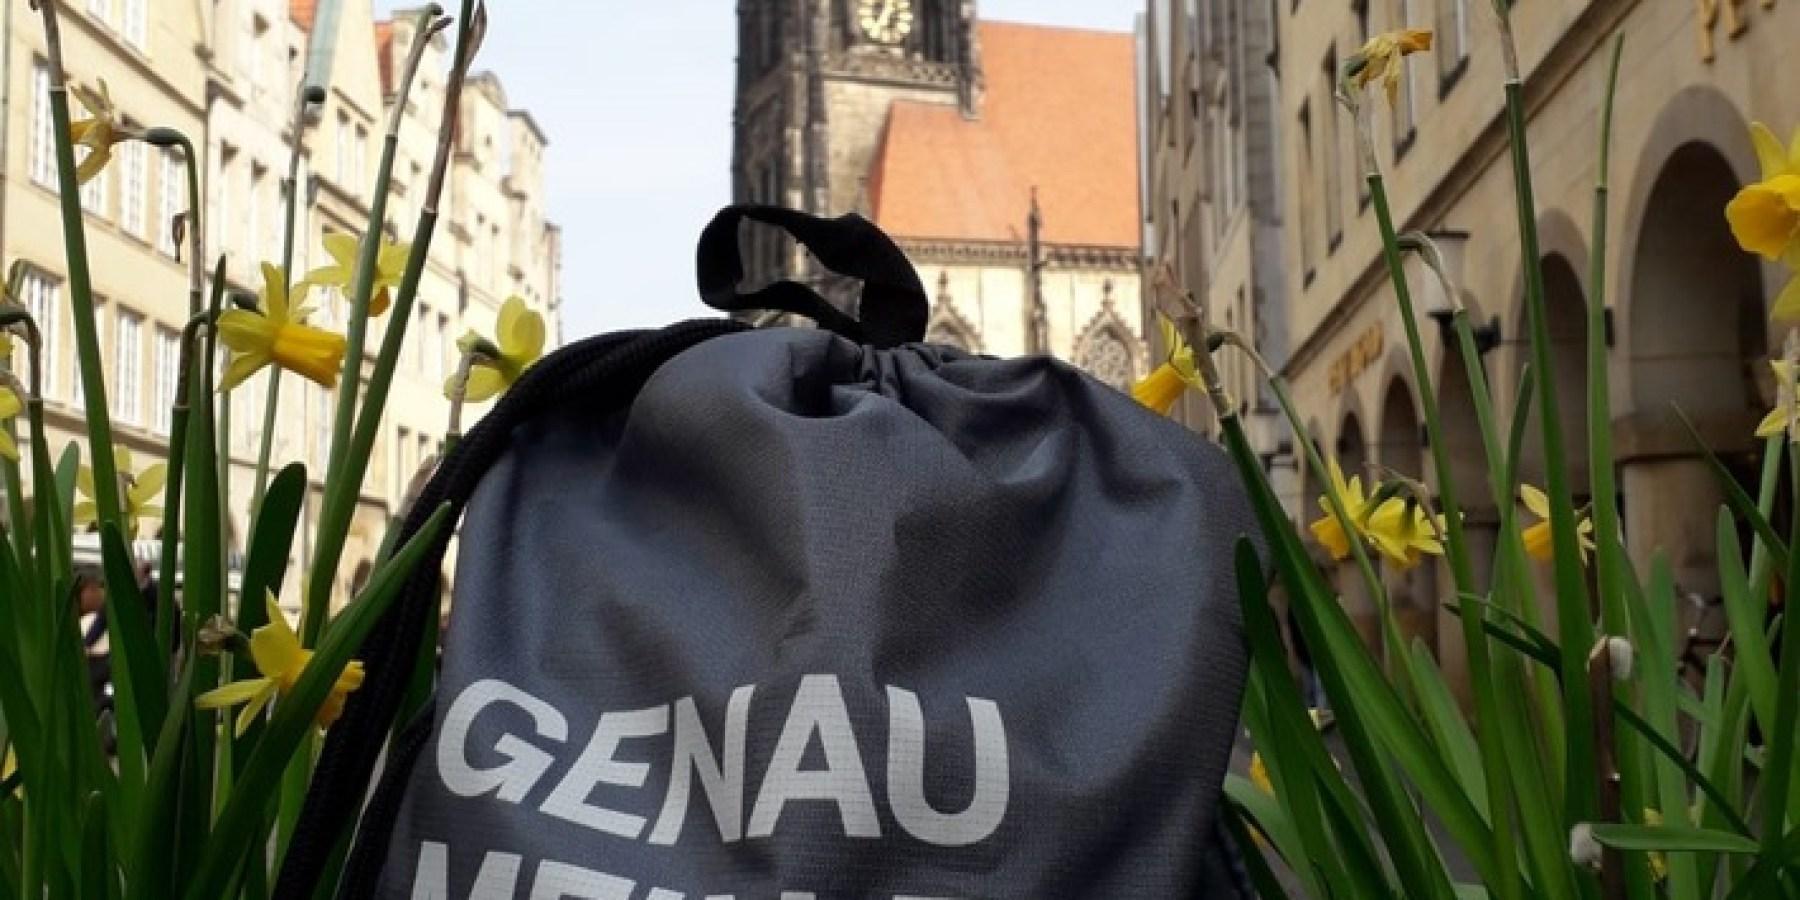 Informationsveranstaltung der Polizei NRW zum Polizeiberuf am 9. Dezember